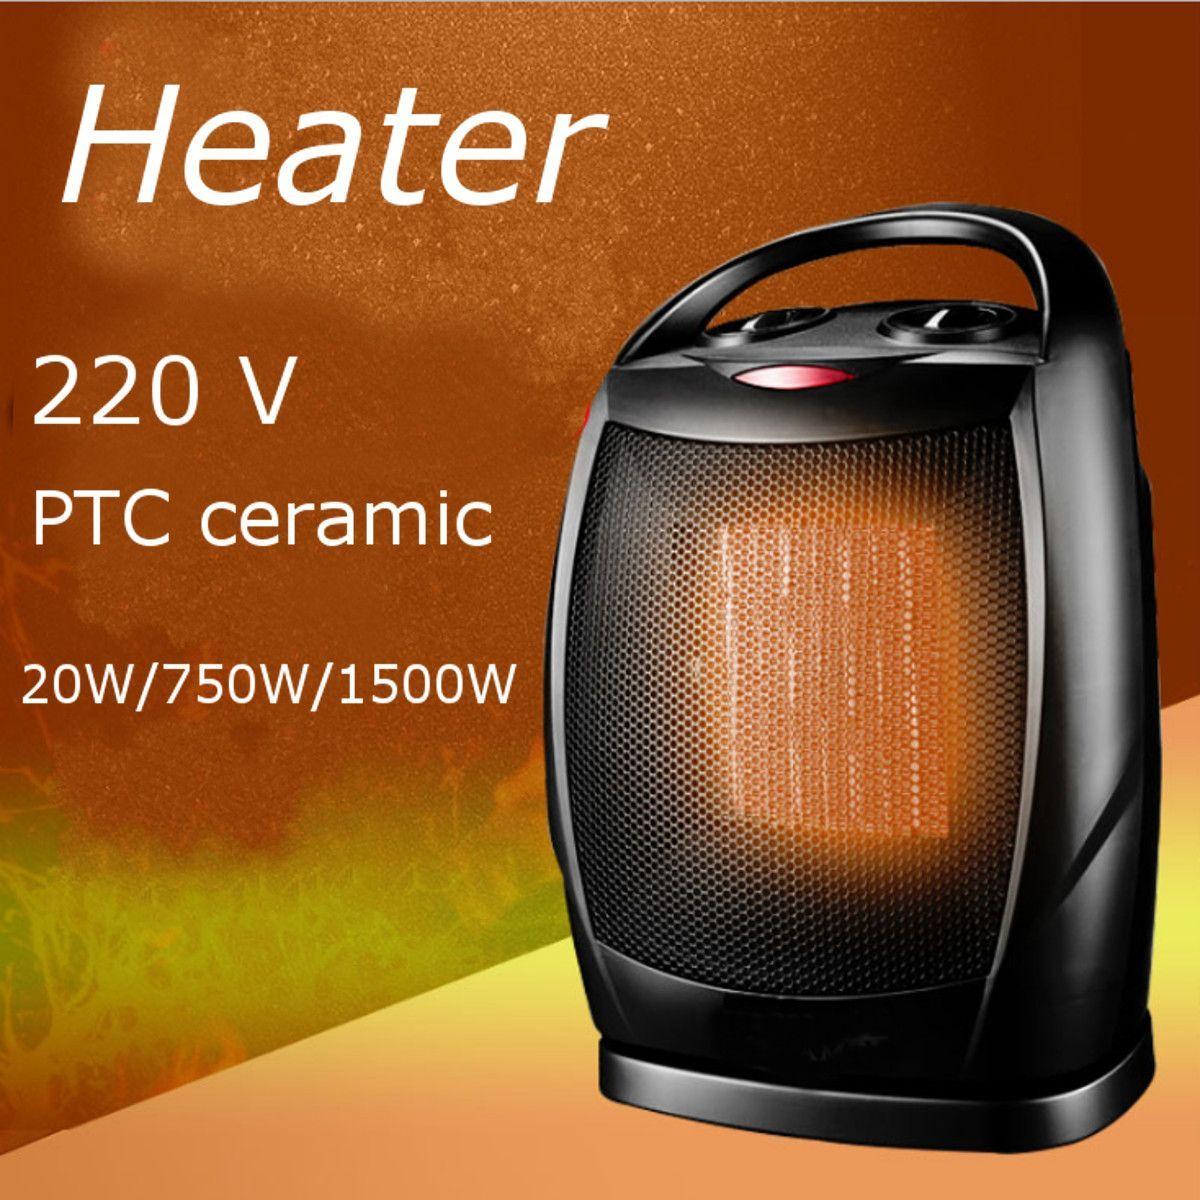 Indoor PTC Keramik Elektrische Tragbare Heizung Mini Energiesparende Desktop Heizlüfter Schütteln Kopf Kühler Wärmer Mit Thermostat